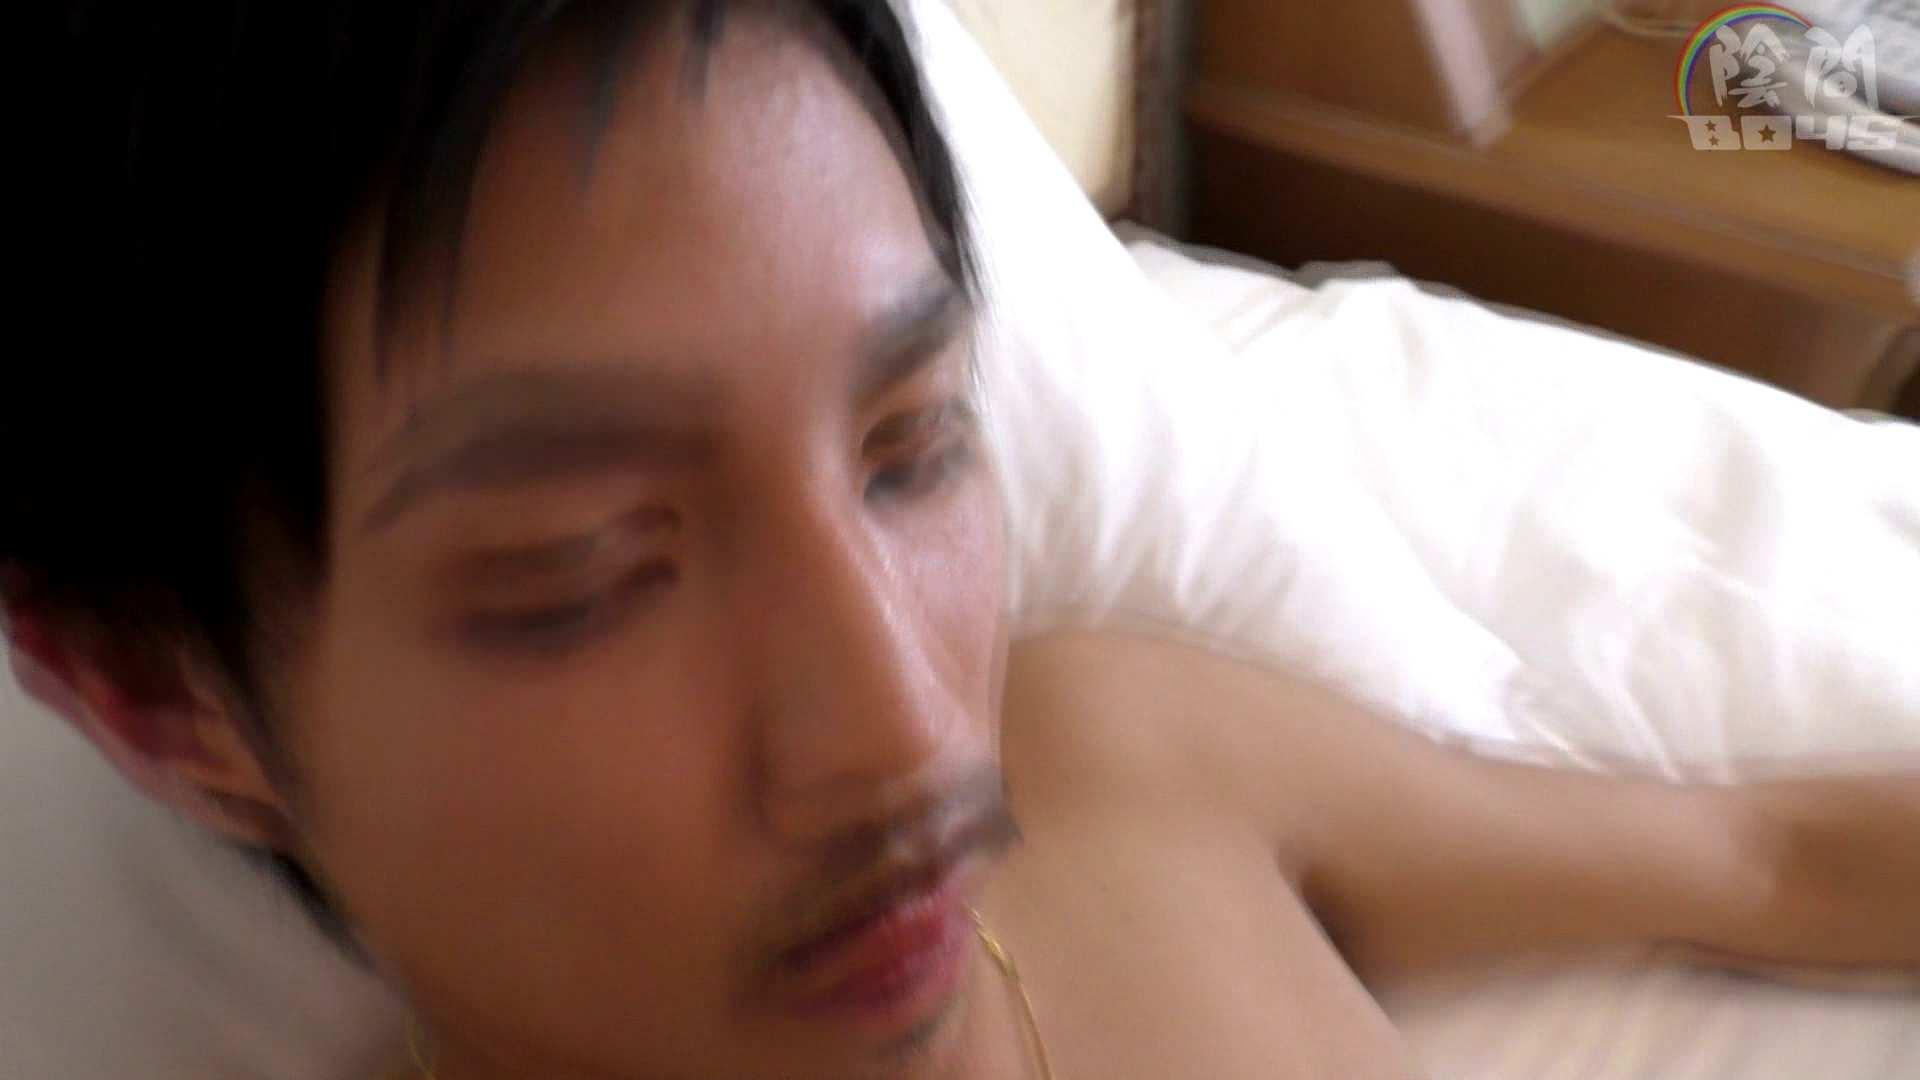 陰間BOYS~「アナルだけは許して…」~05 フェラ ゲイAV画像 80枚 5